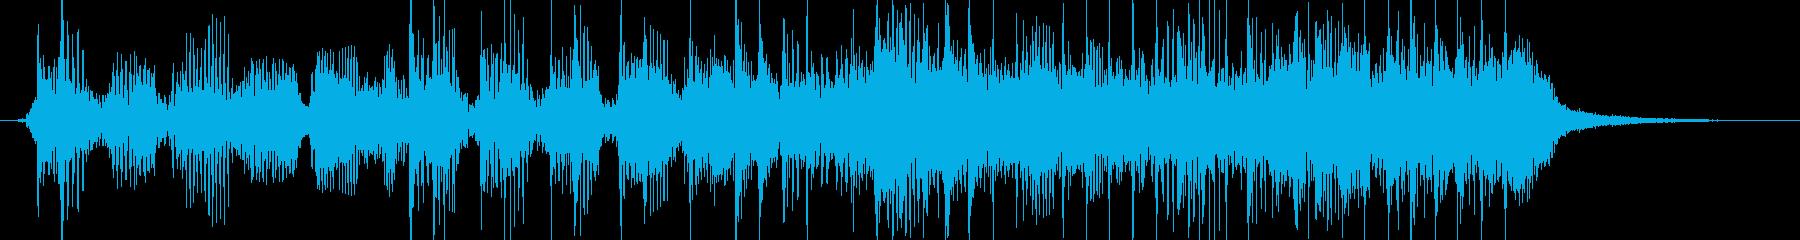 激しいロックベースサウンドのジングルの再生済みの波形